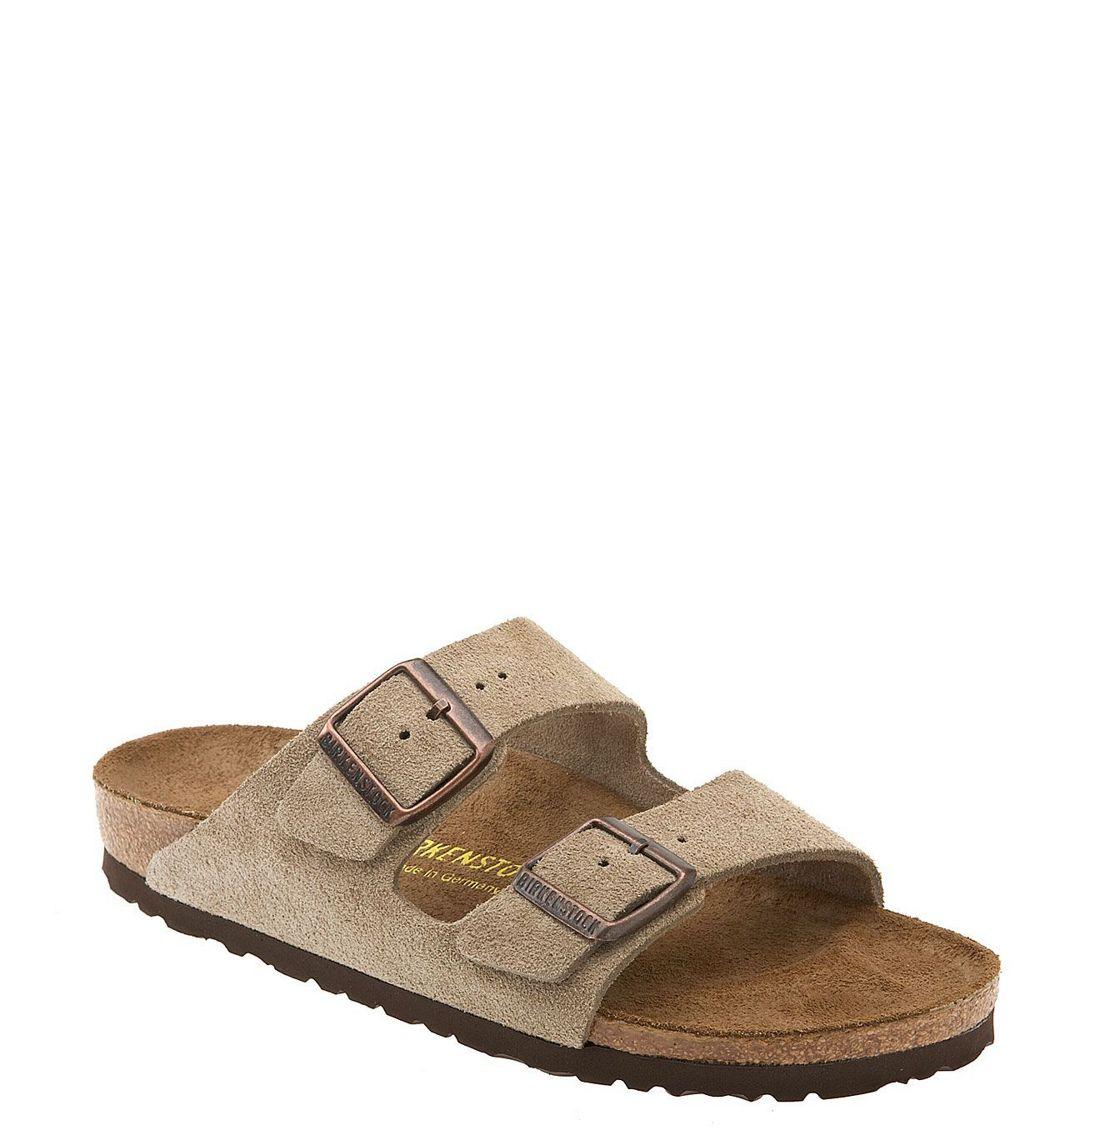 Nordstrom Shoes Womens Birkenstock